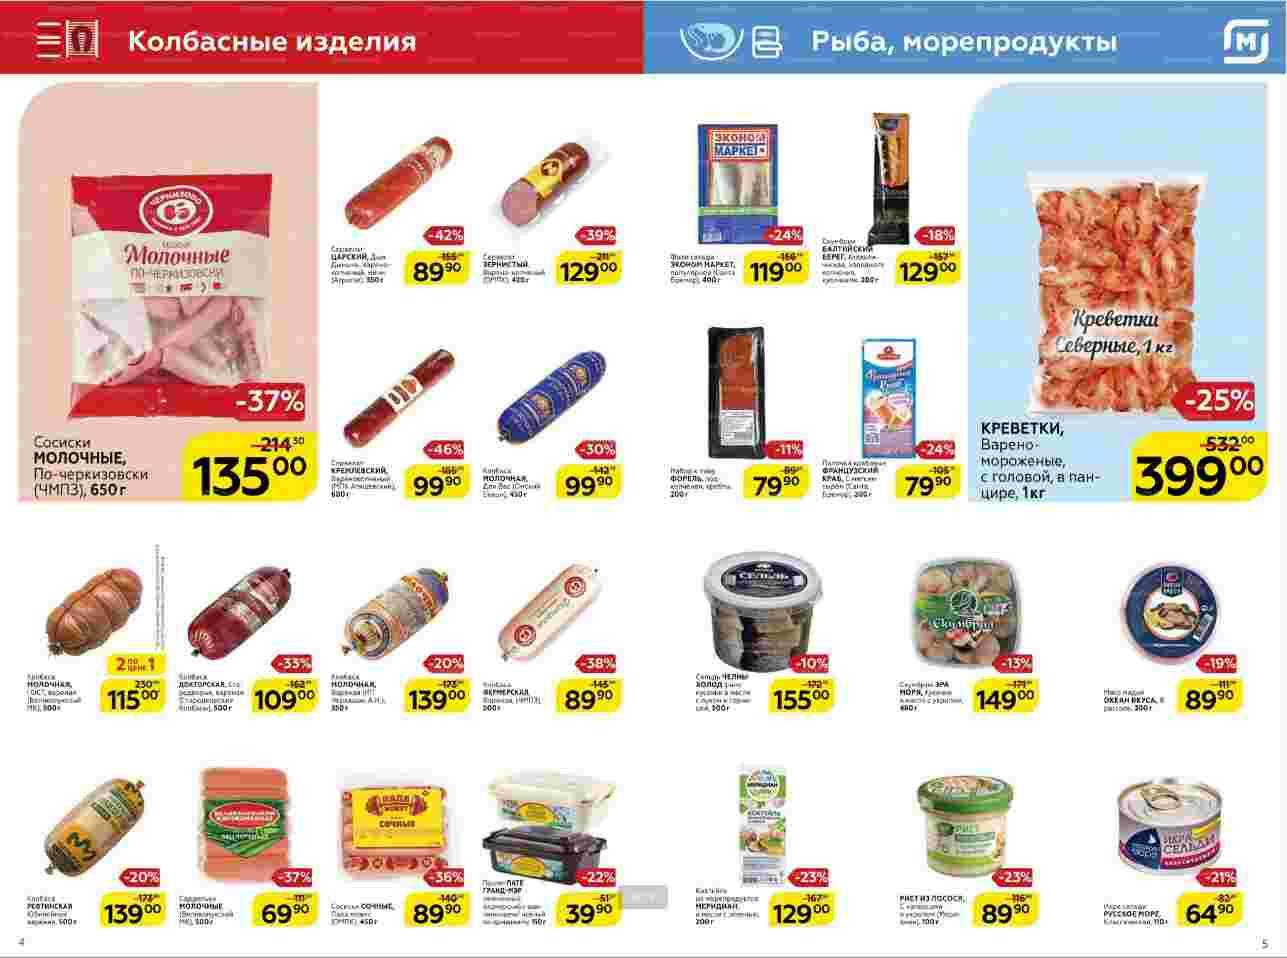 Еженедельный каталог магазин МАГНИТ 08-14.05.2019 стр.3